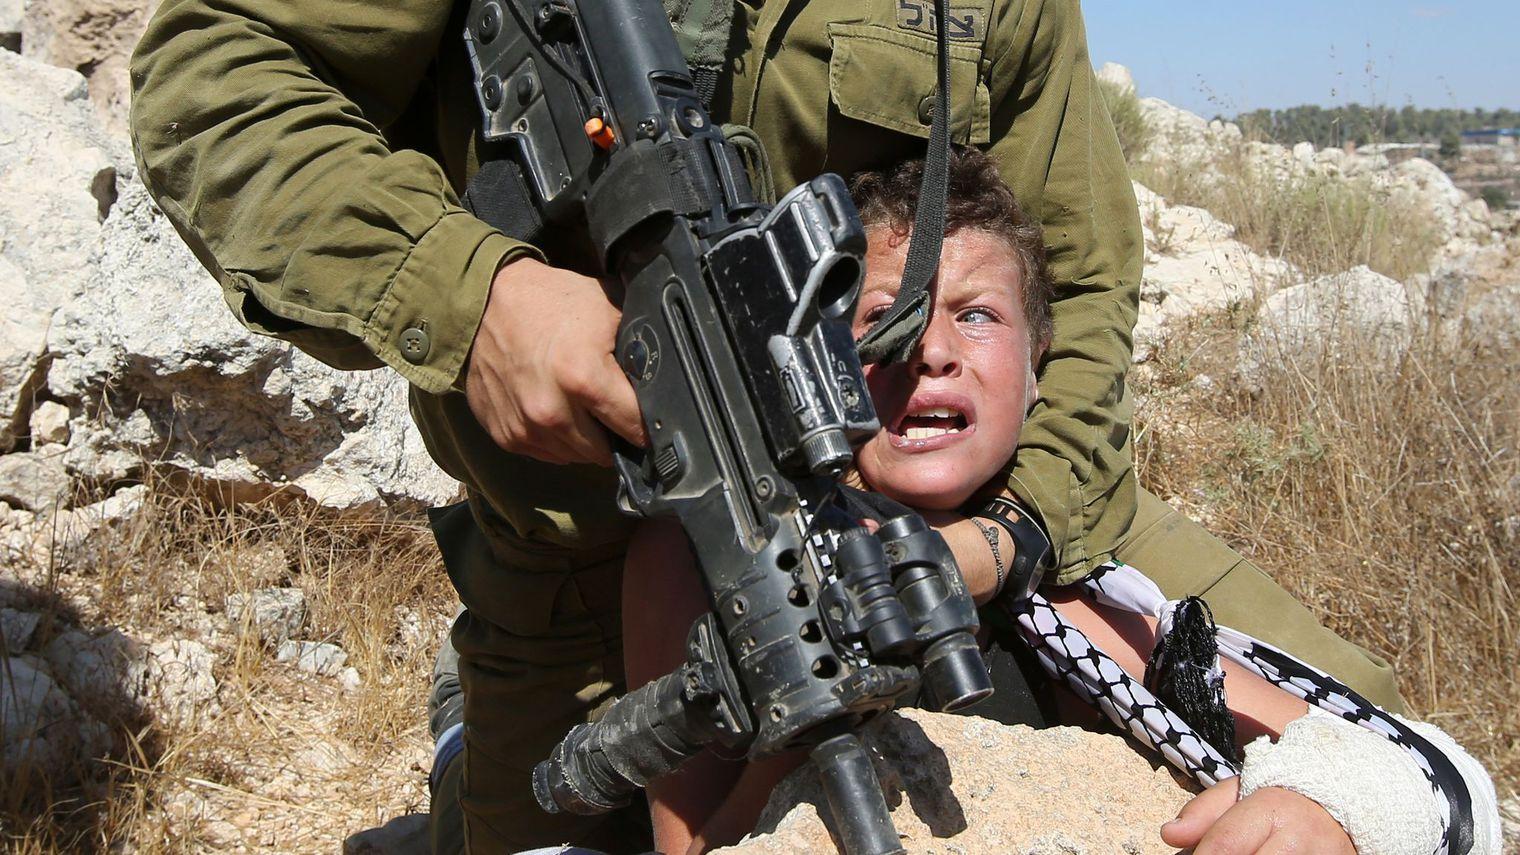 Arrestation d'un enfant en Cisjordanie occupée (archive)